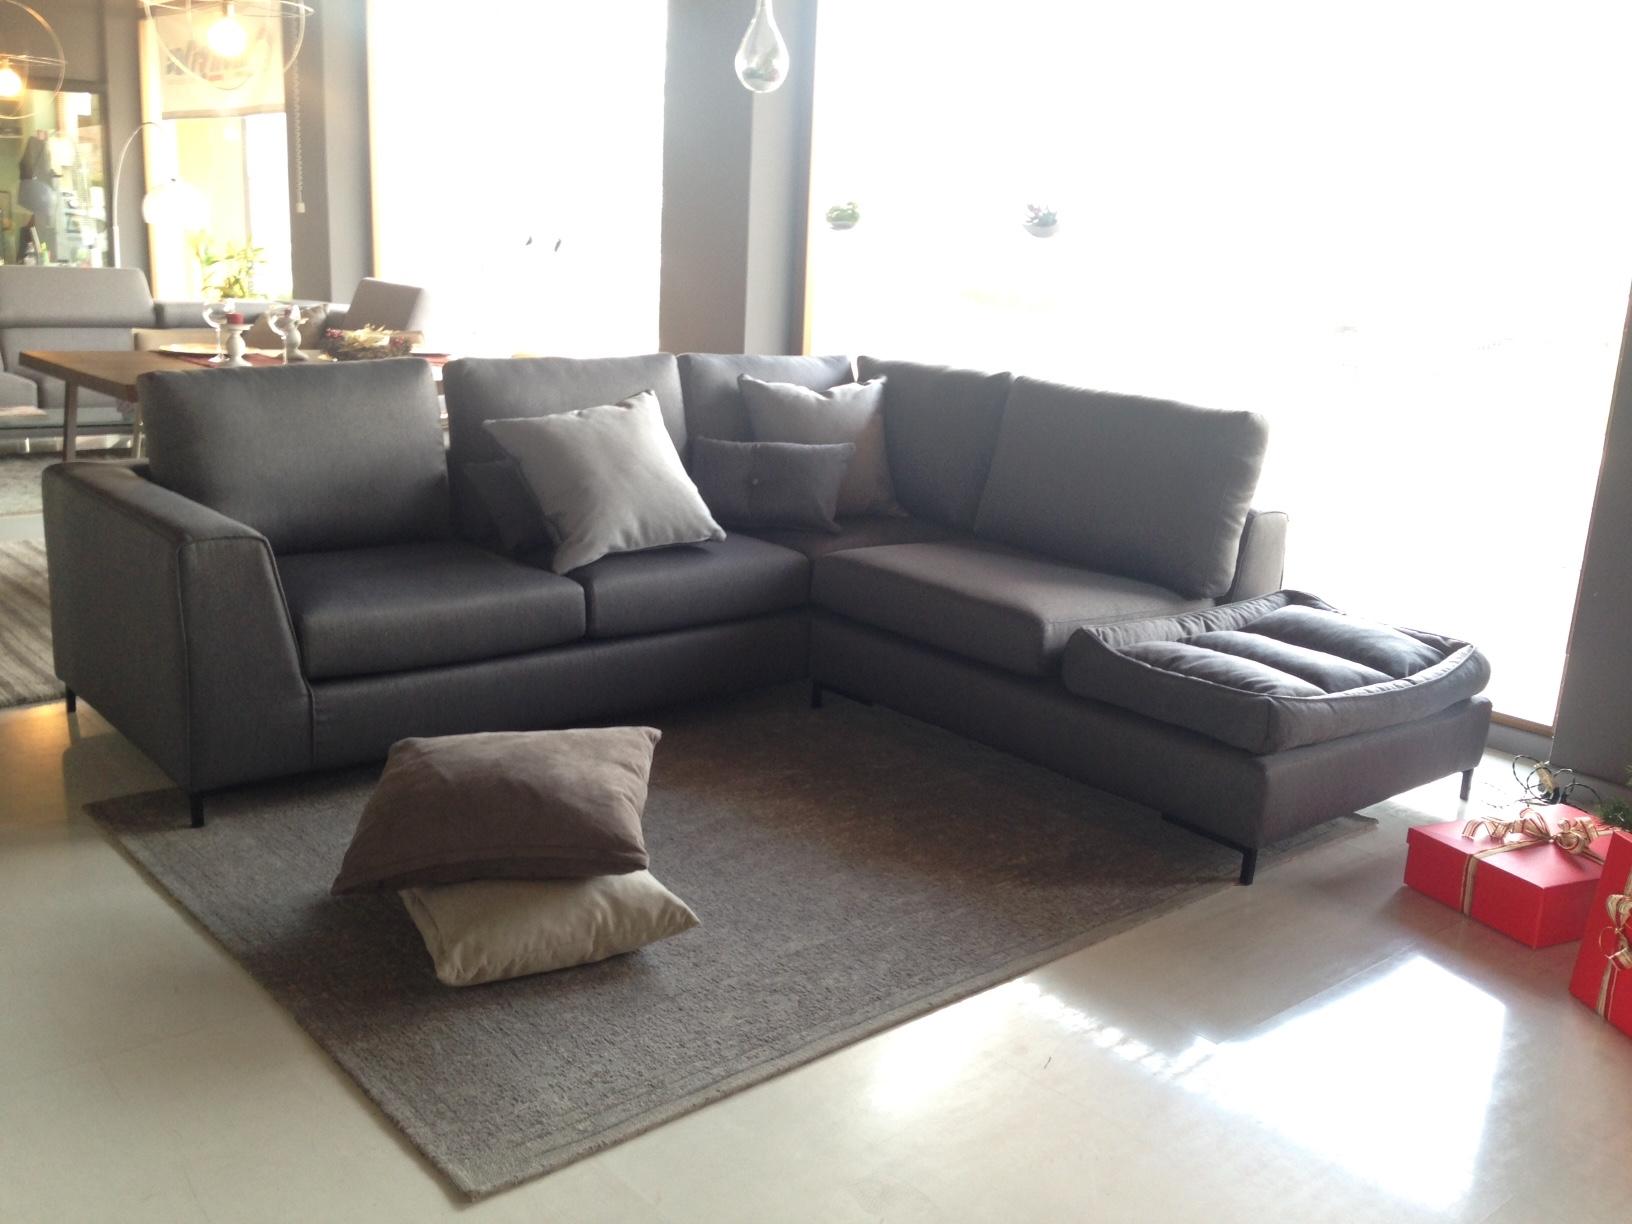 divani letto verona: divano letto ad angolo moderno galico arredo ... - Mobili Trasformabili Verona